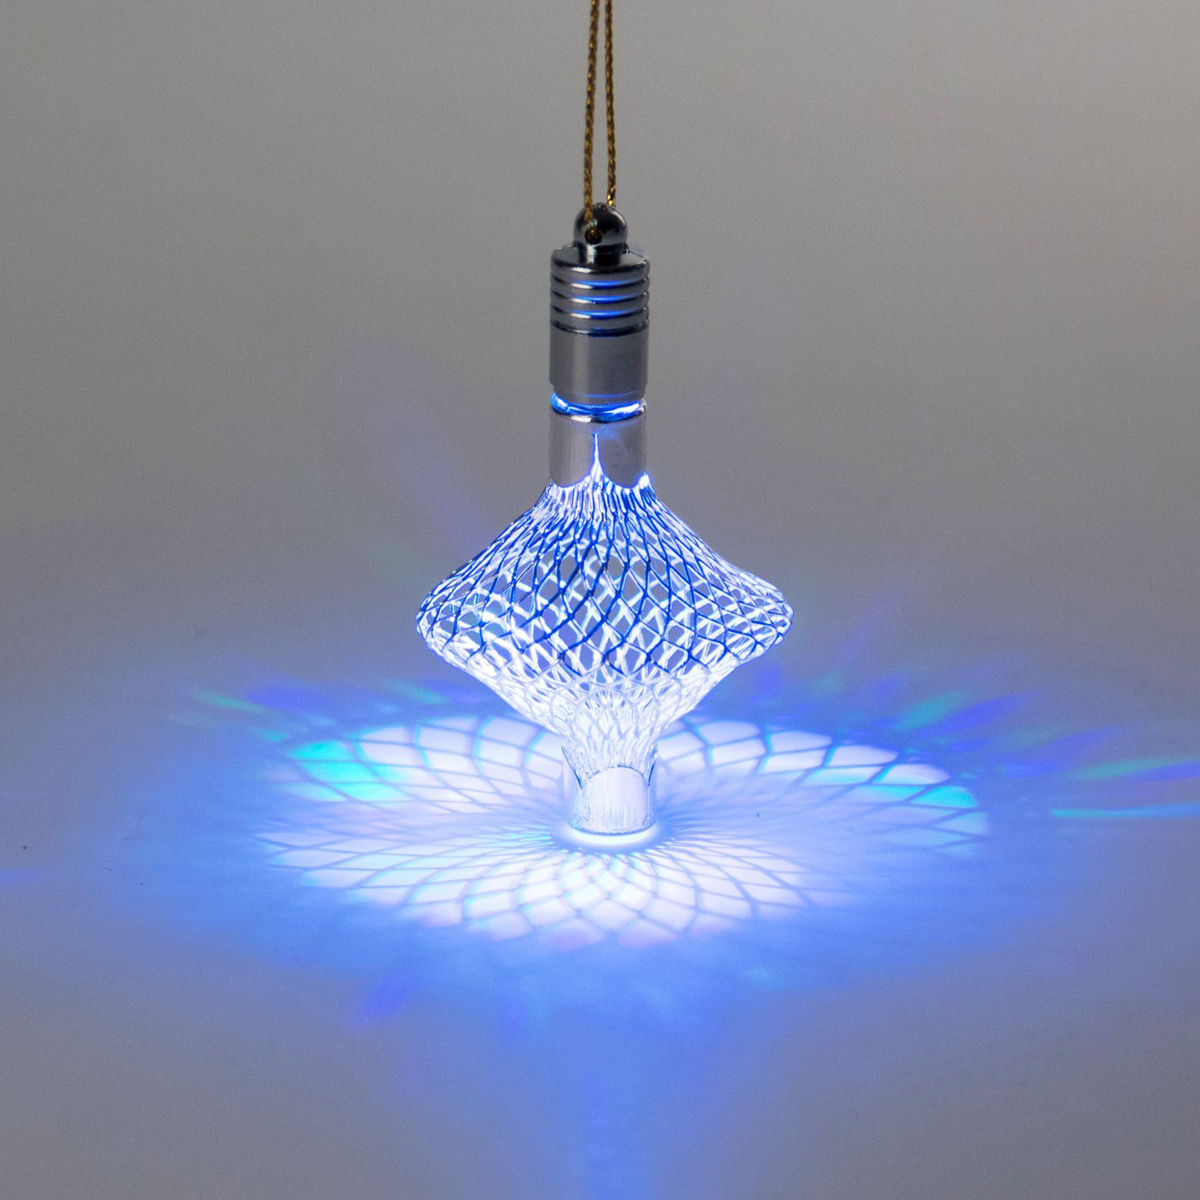 Украшение новогоднее подвесное Luazon Lighting Фонарик, световое, цвет: серебристый, 7 см. 23271892327189Световая новогодняя подвеска Luazon Lighting выполнена из металла в виде фонарика. Елочное украшение выглядит как простая елочная игрушка днем, но при этом остается видимой вечером. Просто включите изделие с наступлением темноты, и оно украсит елку огоньками. Подвеска Luazon Lighting работает от батареек (входят в комплект) и пожаробезопасна, так как светодиоды не нагреваются, в отличие от ламп накаливания.